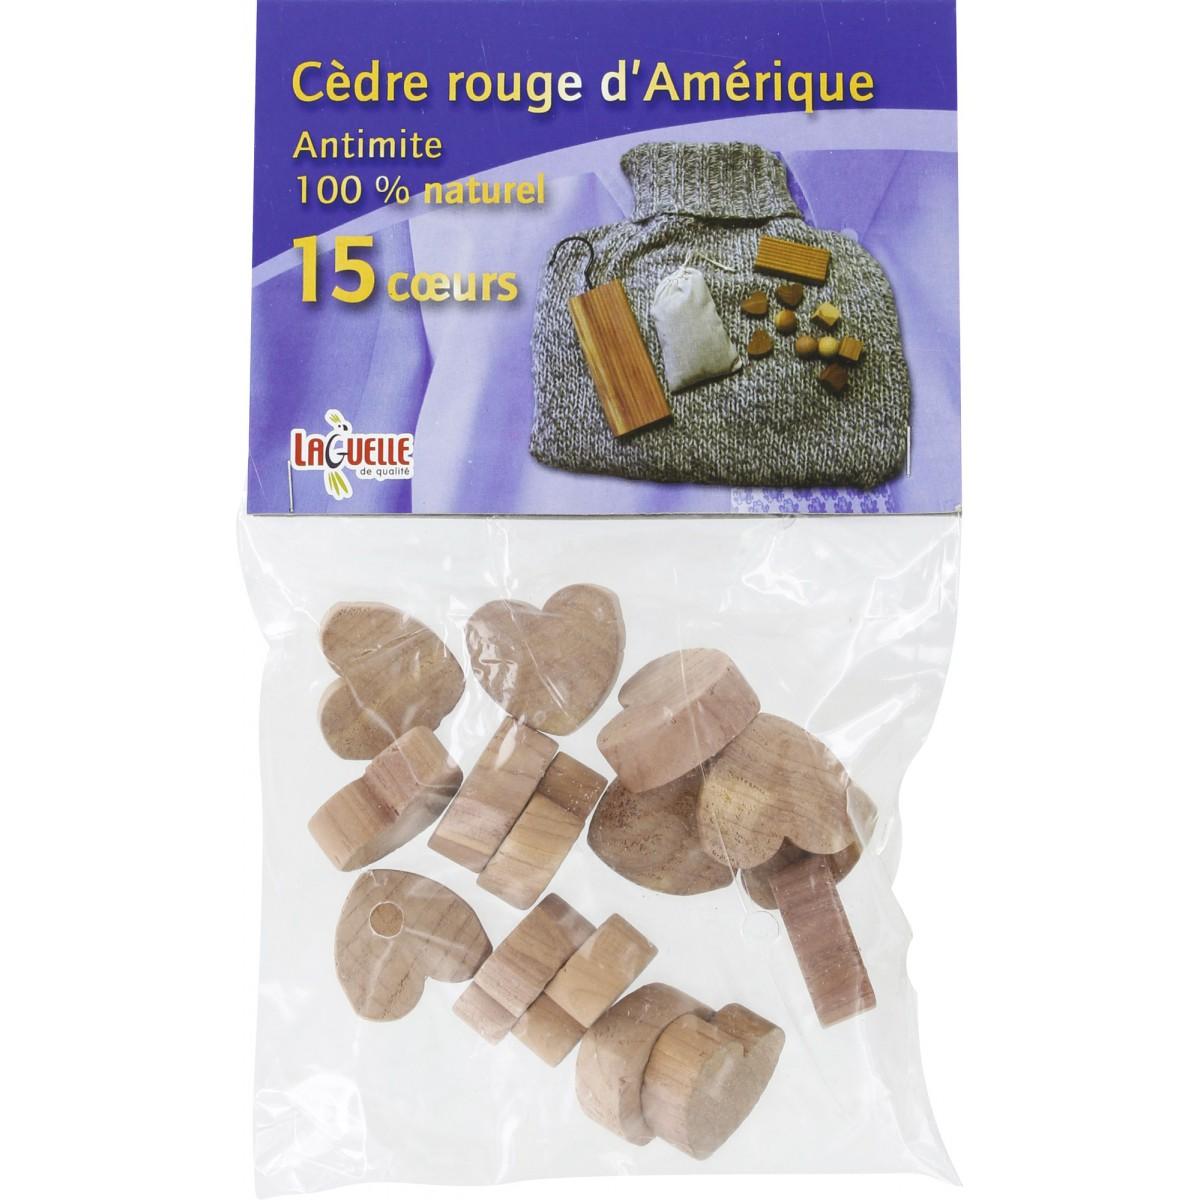 Antimites 100 % naturel Laguelle - 15 coeurs